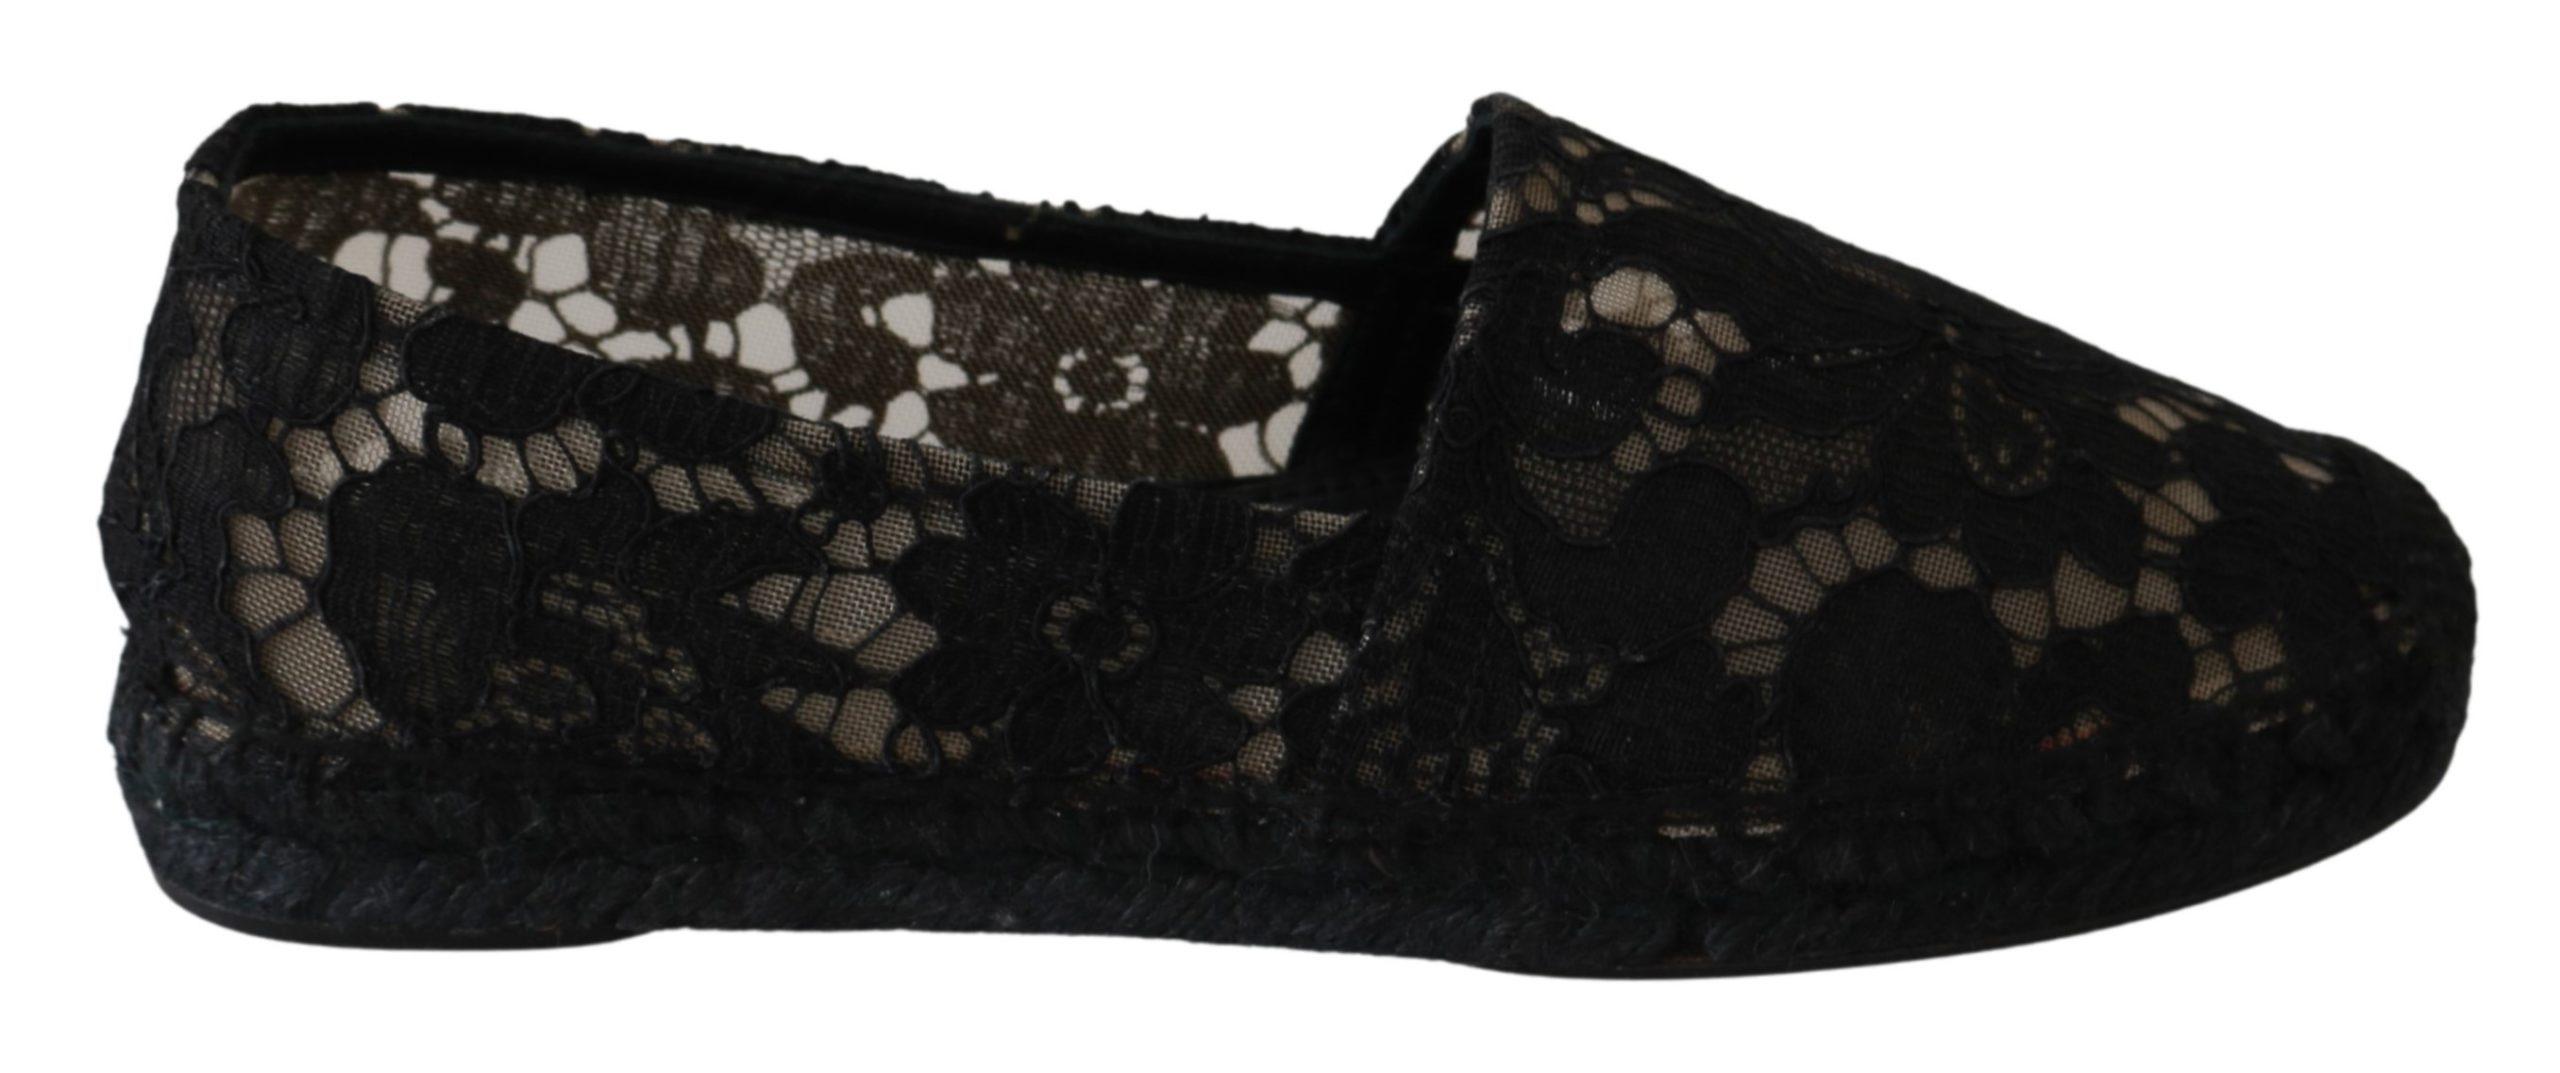 Black Lace Cotton Espadrilles Shoes - EU36/US5.5